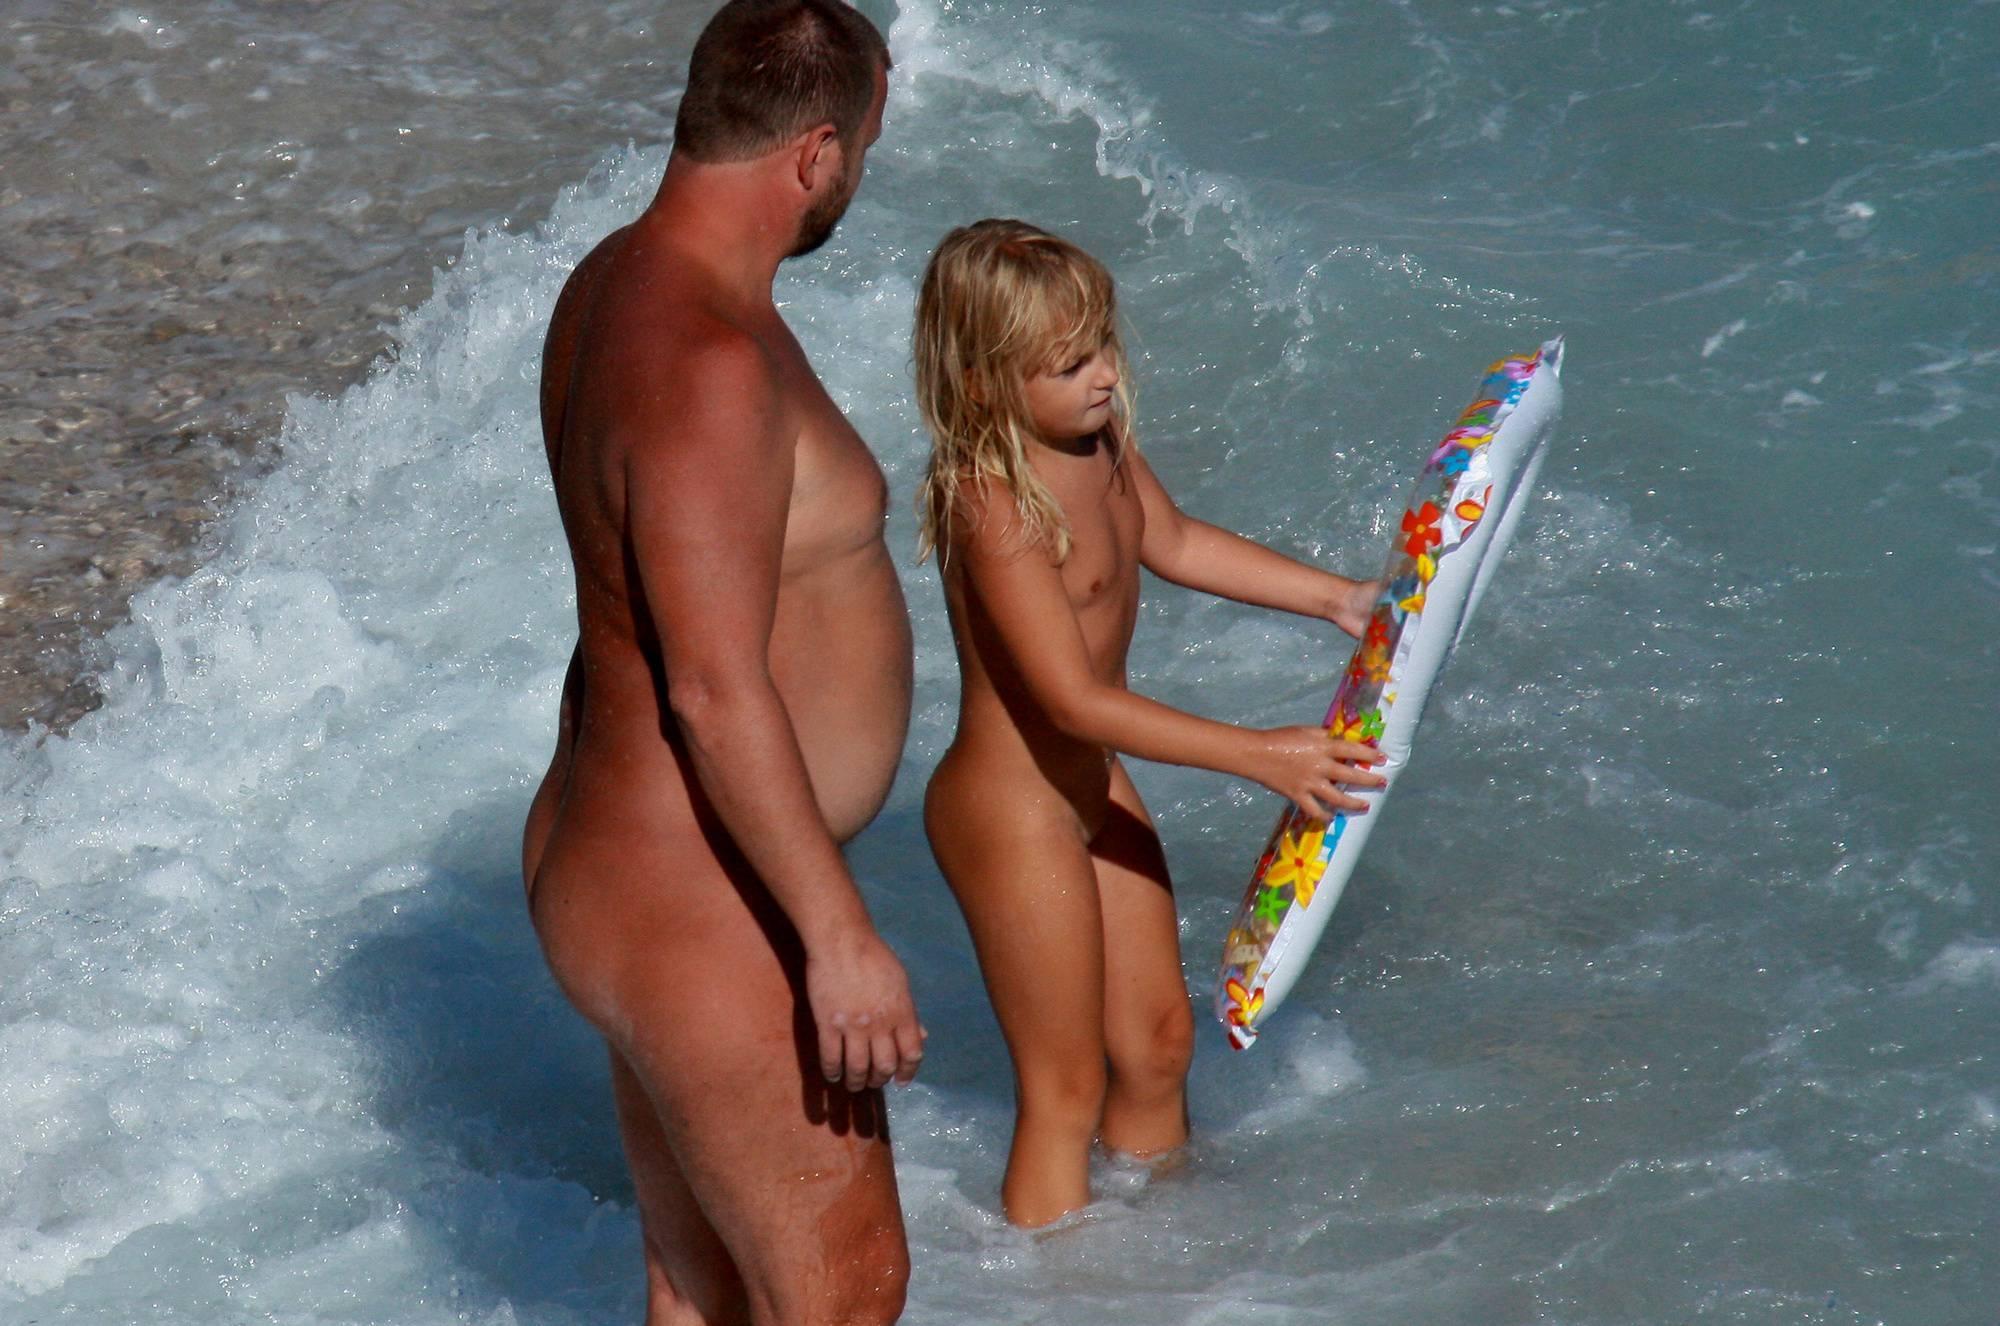 Nudist Photos Nudist Kid Family Floaters - 1